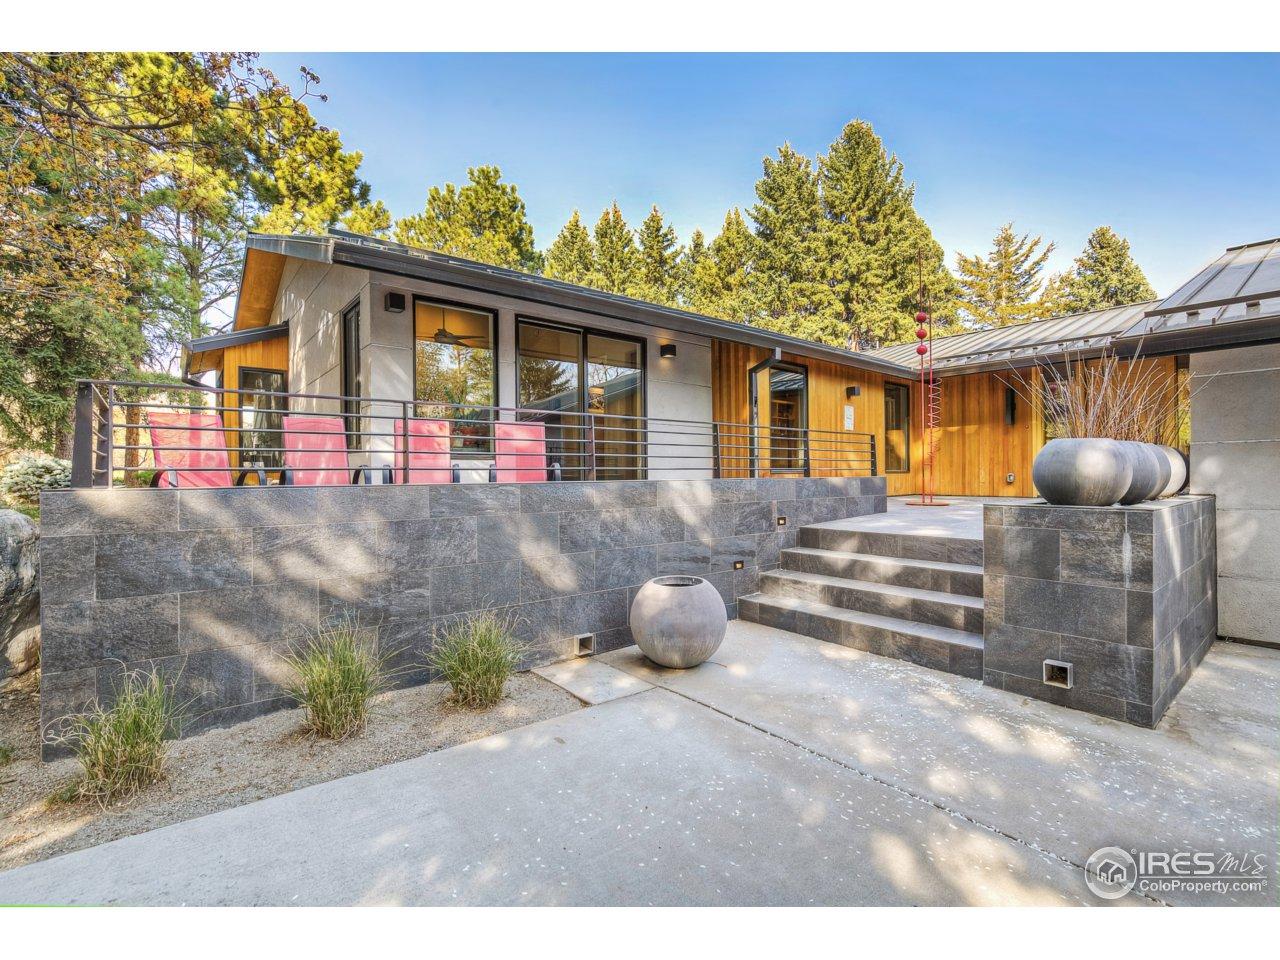 503 Kalmia Ave, Boulder CO 80304